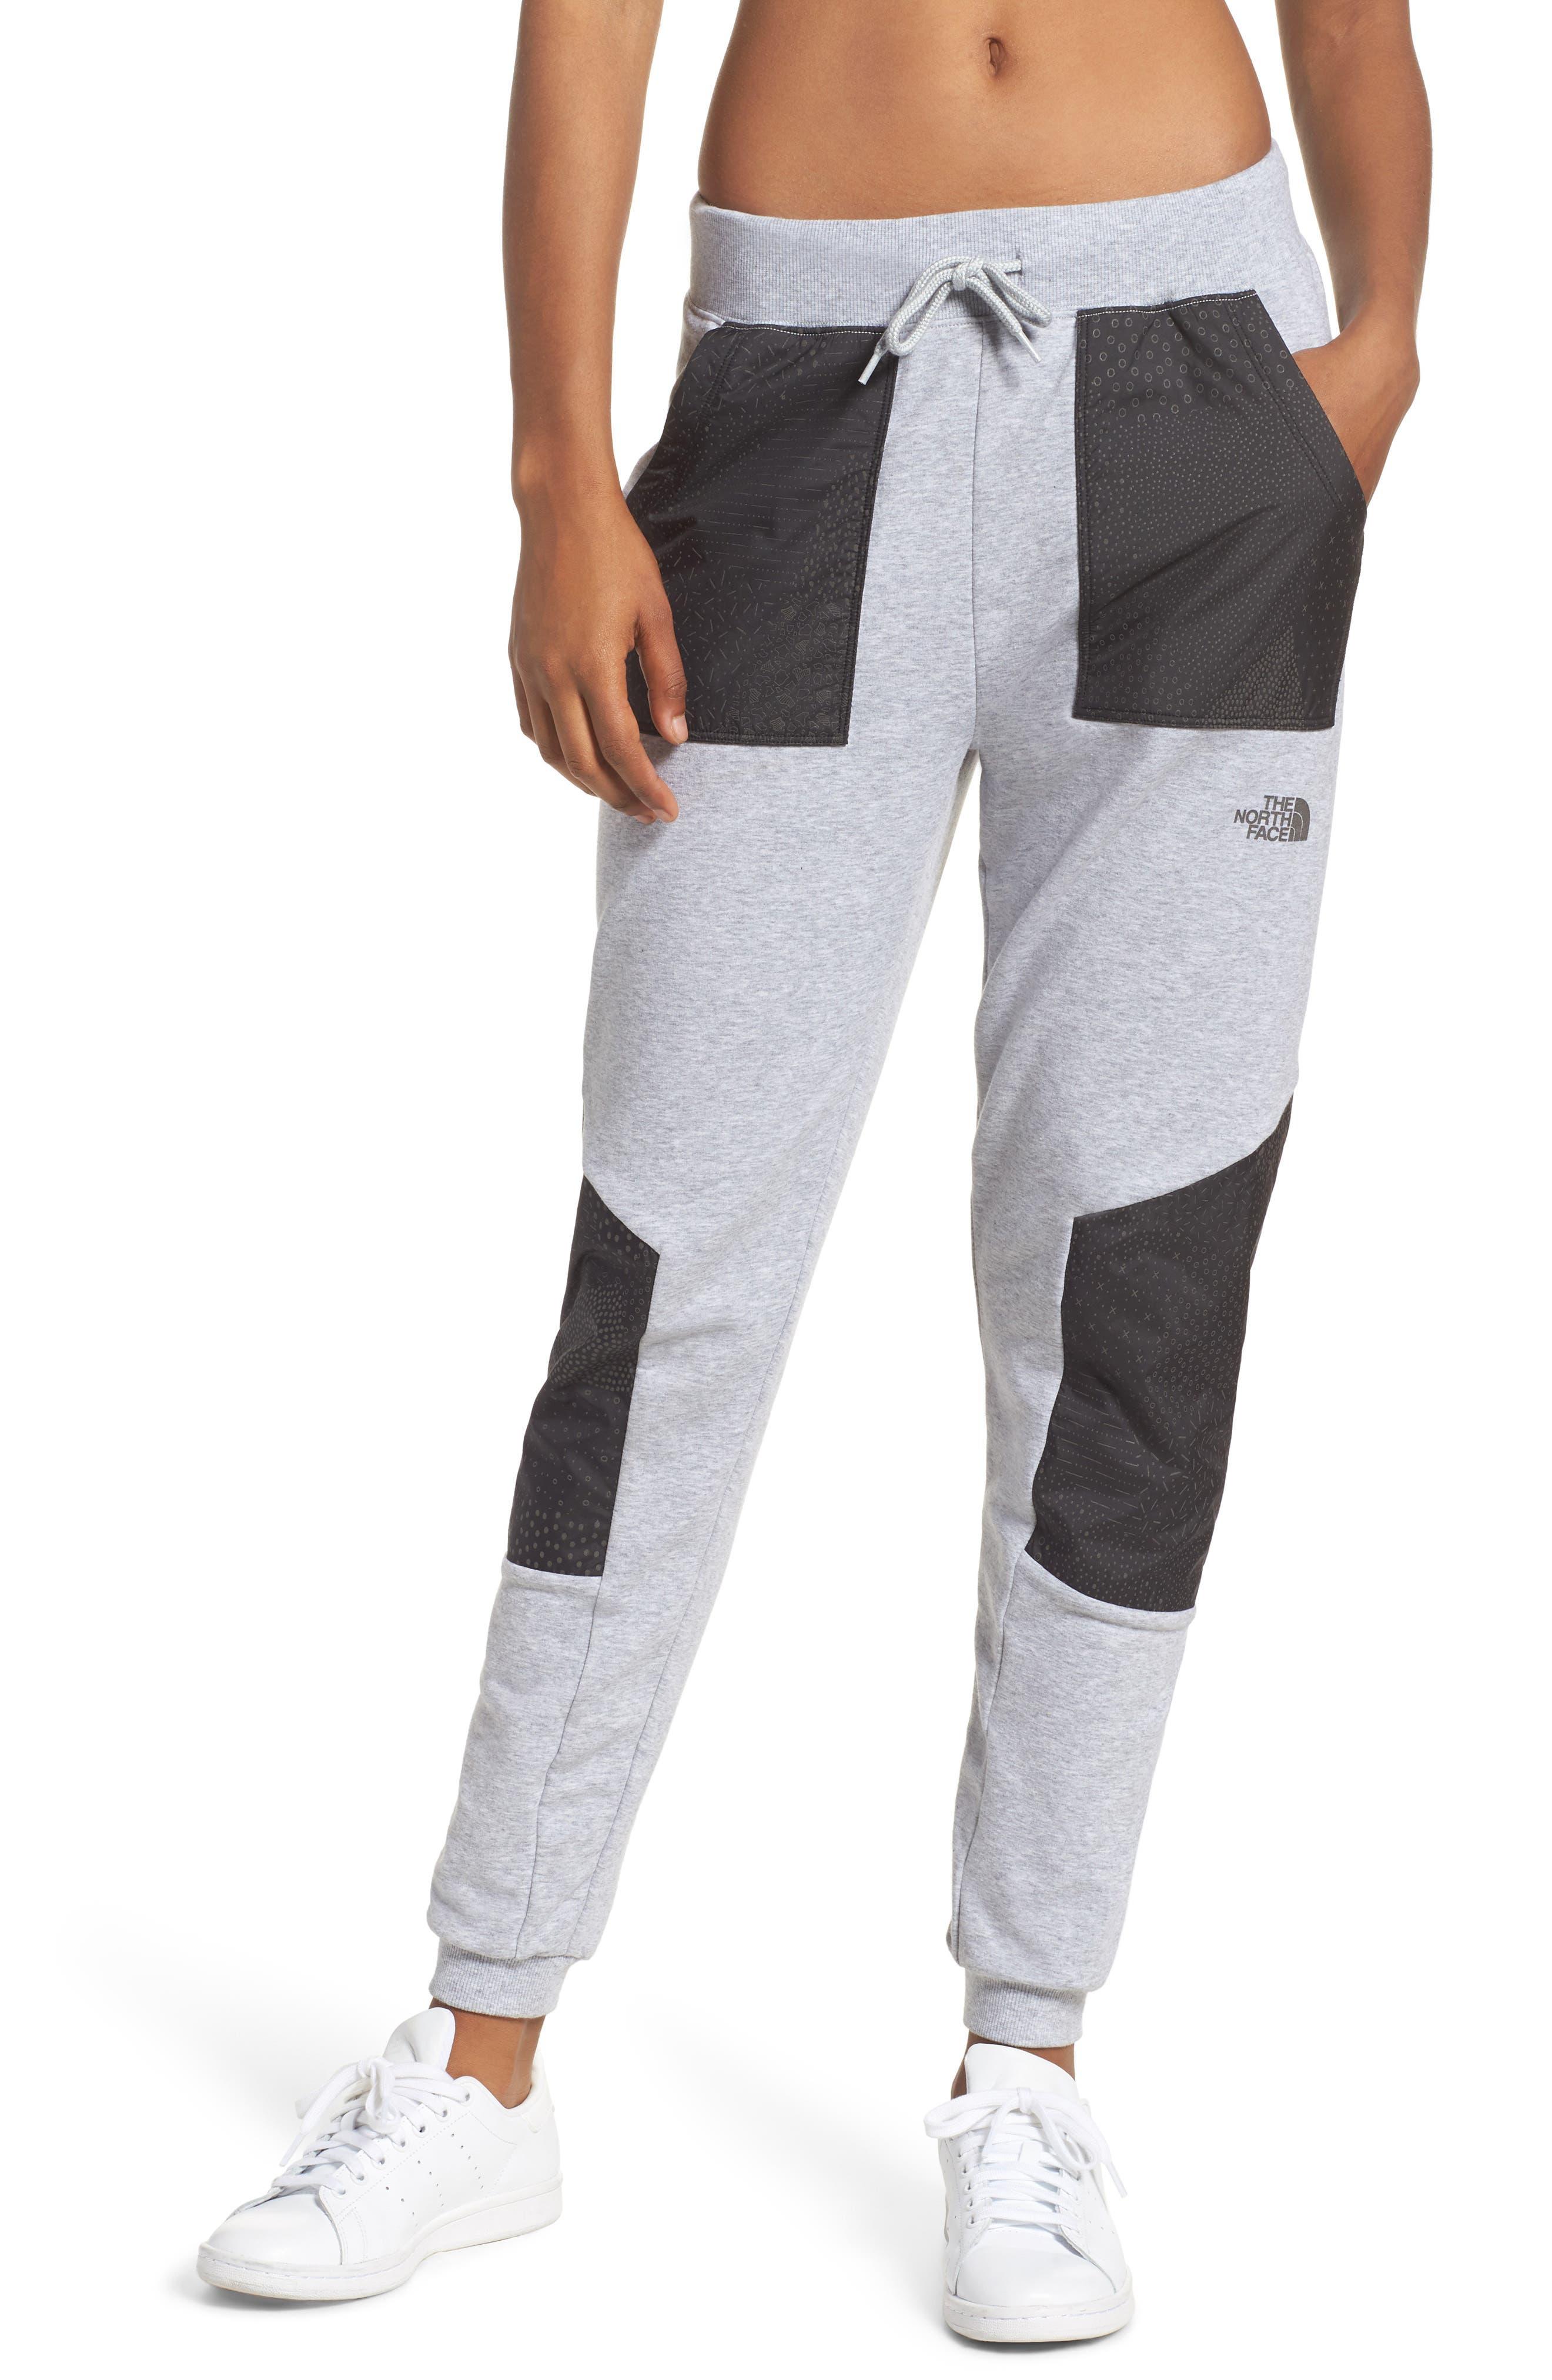 Reflective Jogger Pants,                         Main,                         color, Tnf Lt Grey/ Black Ig Ref